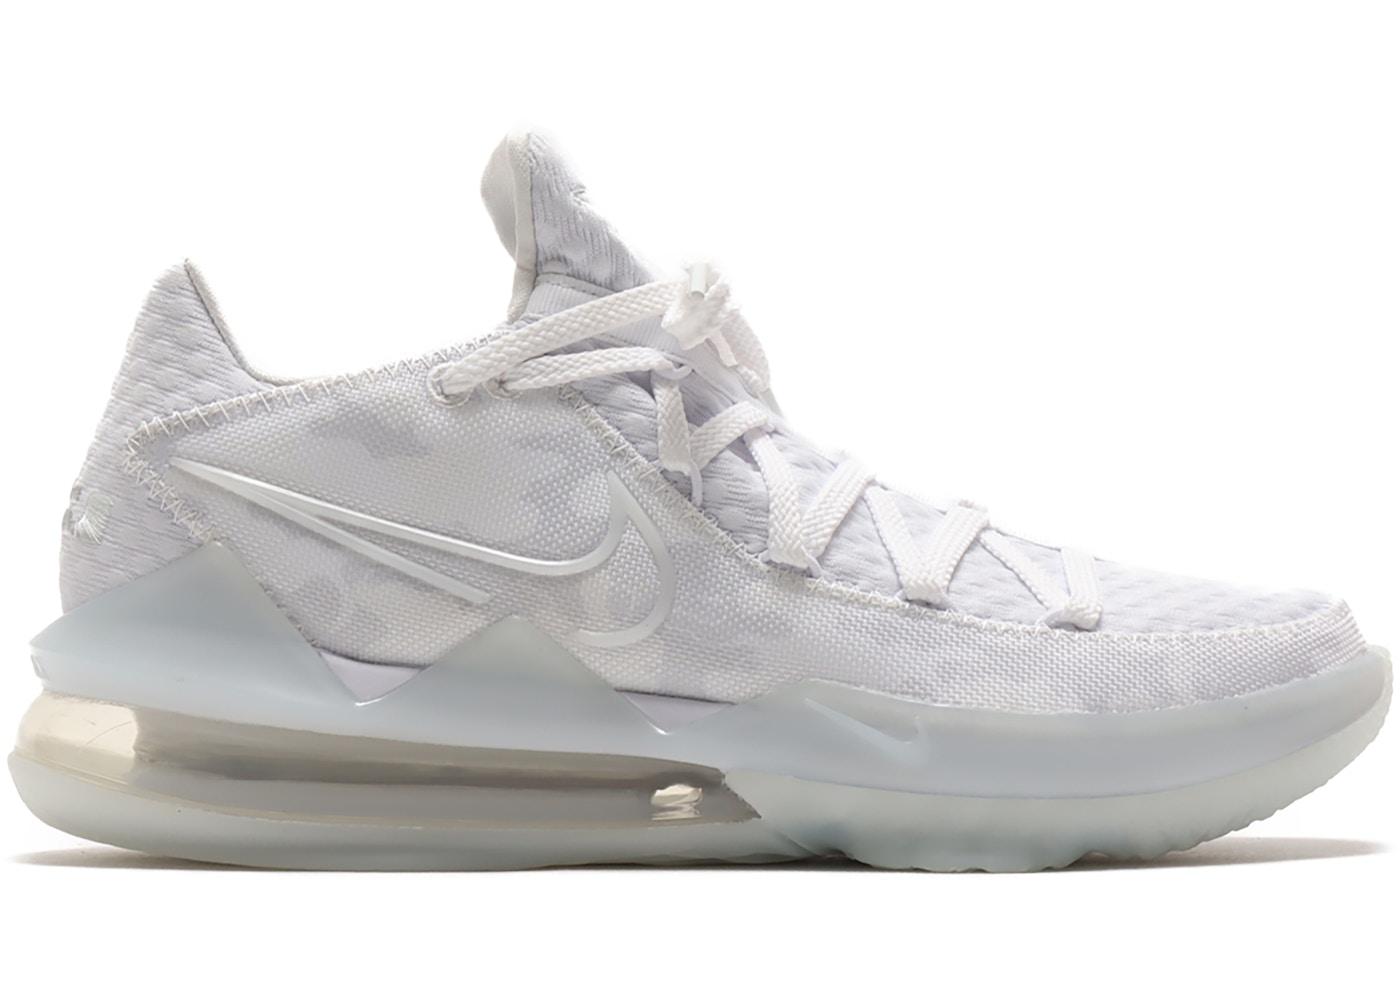 Nike LeBron 17 Low White Camo